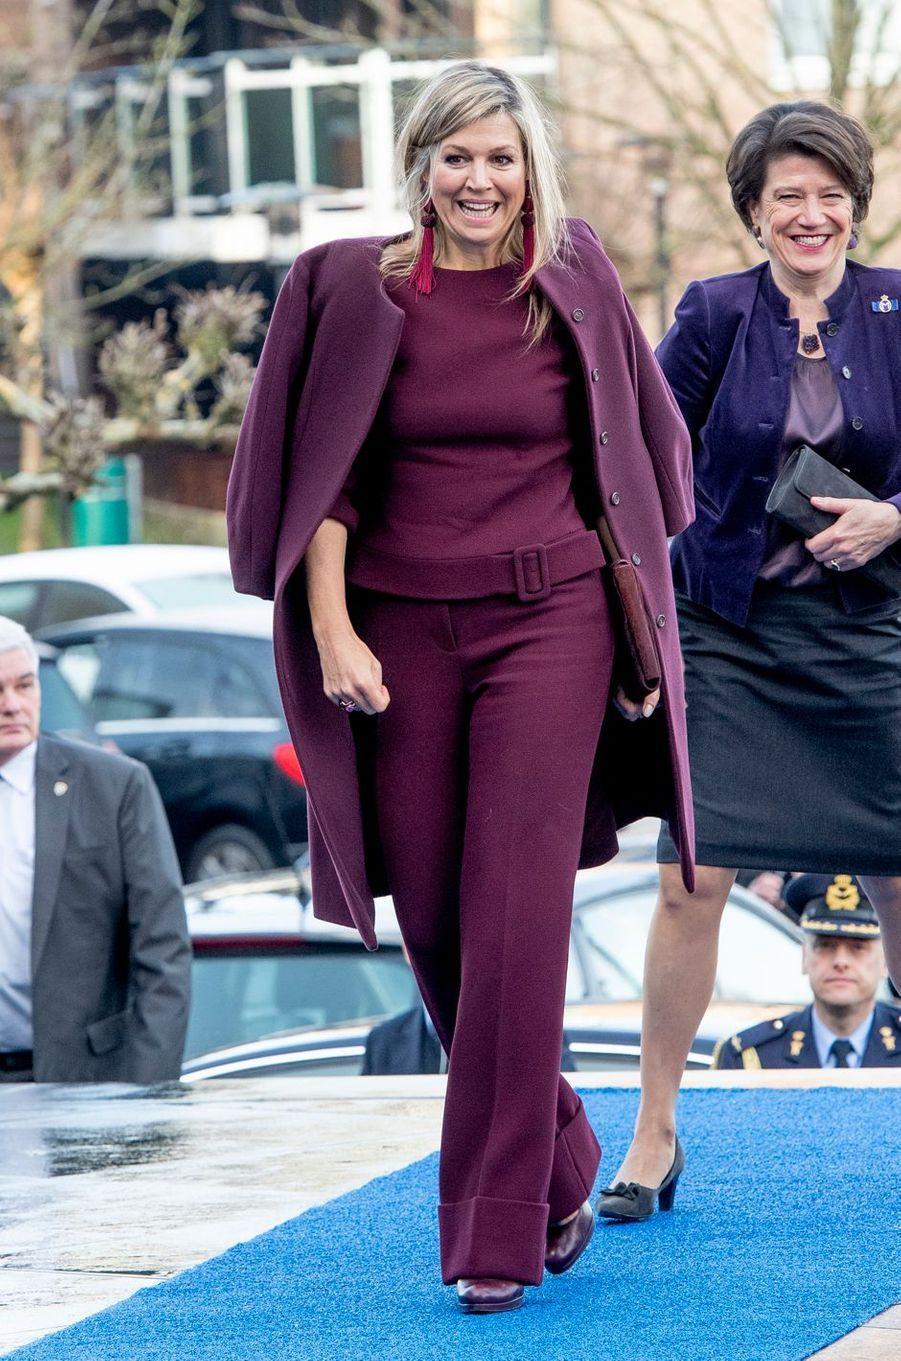 La reine Maxima des Pays-Bas à son arrivée à Leusden, le 29 janvier 2019